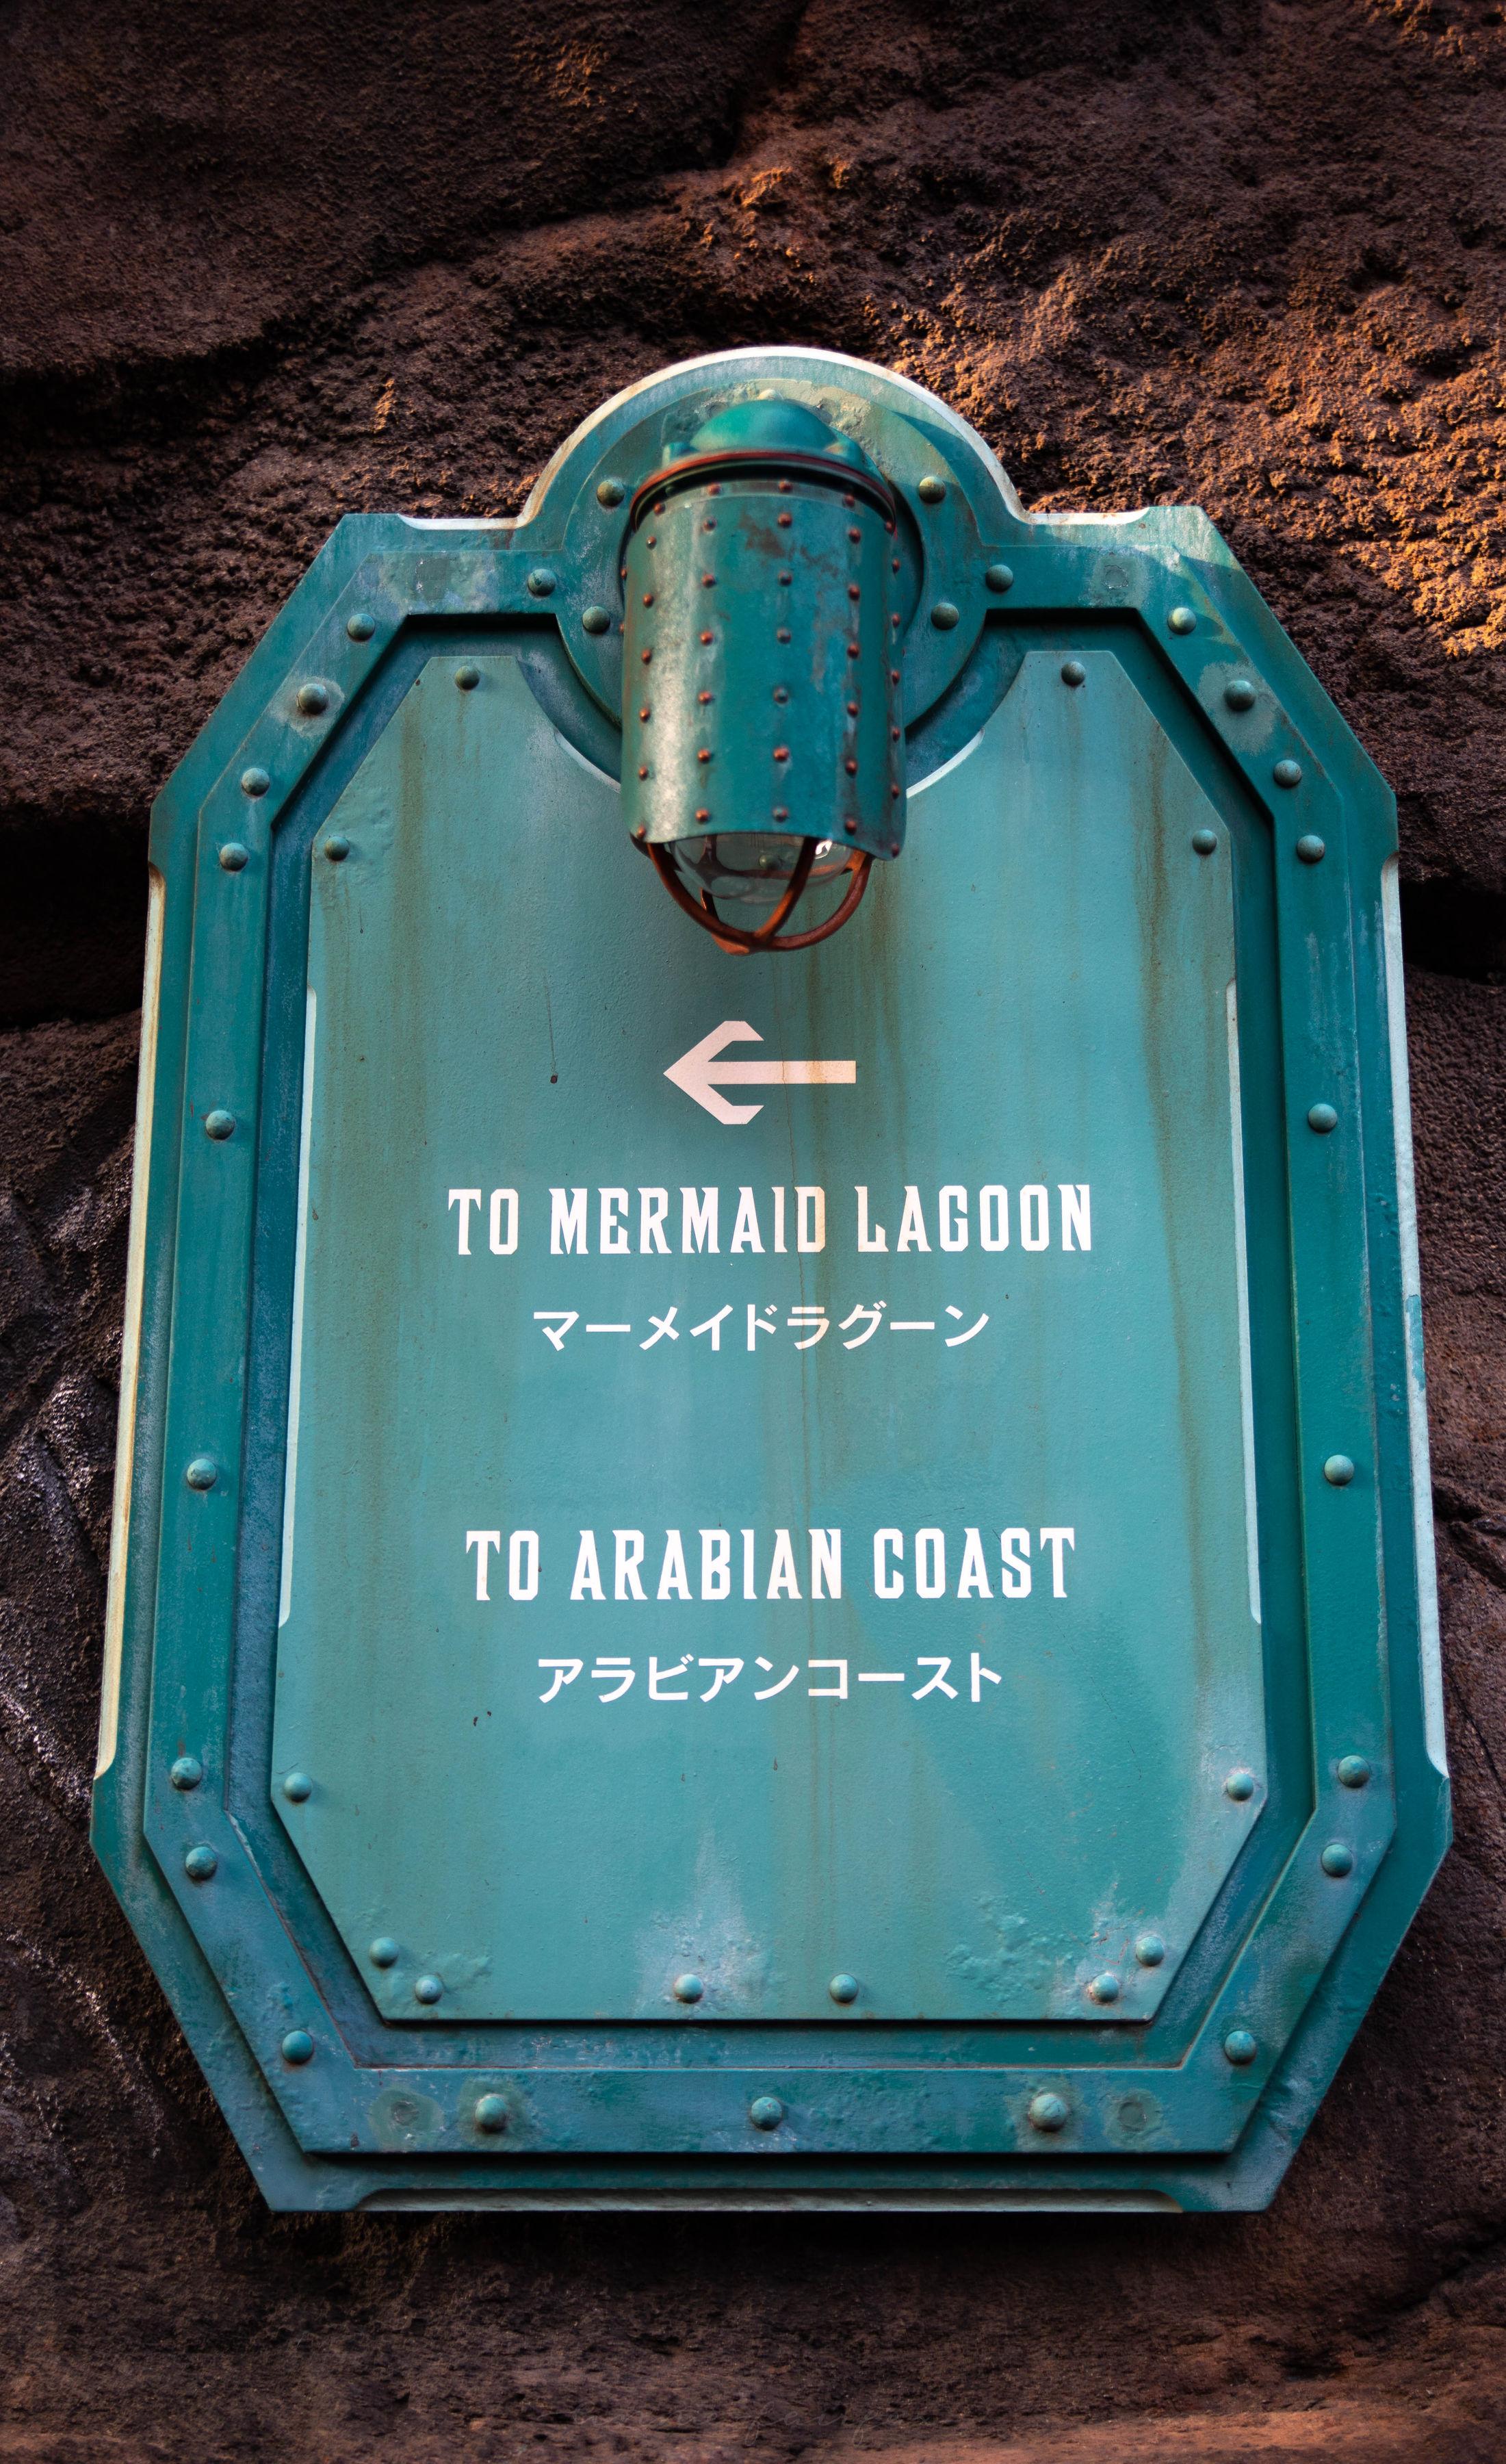 Mermaid Lagoon and Arabian Coast Sign Tokyo DisneySea